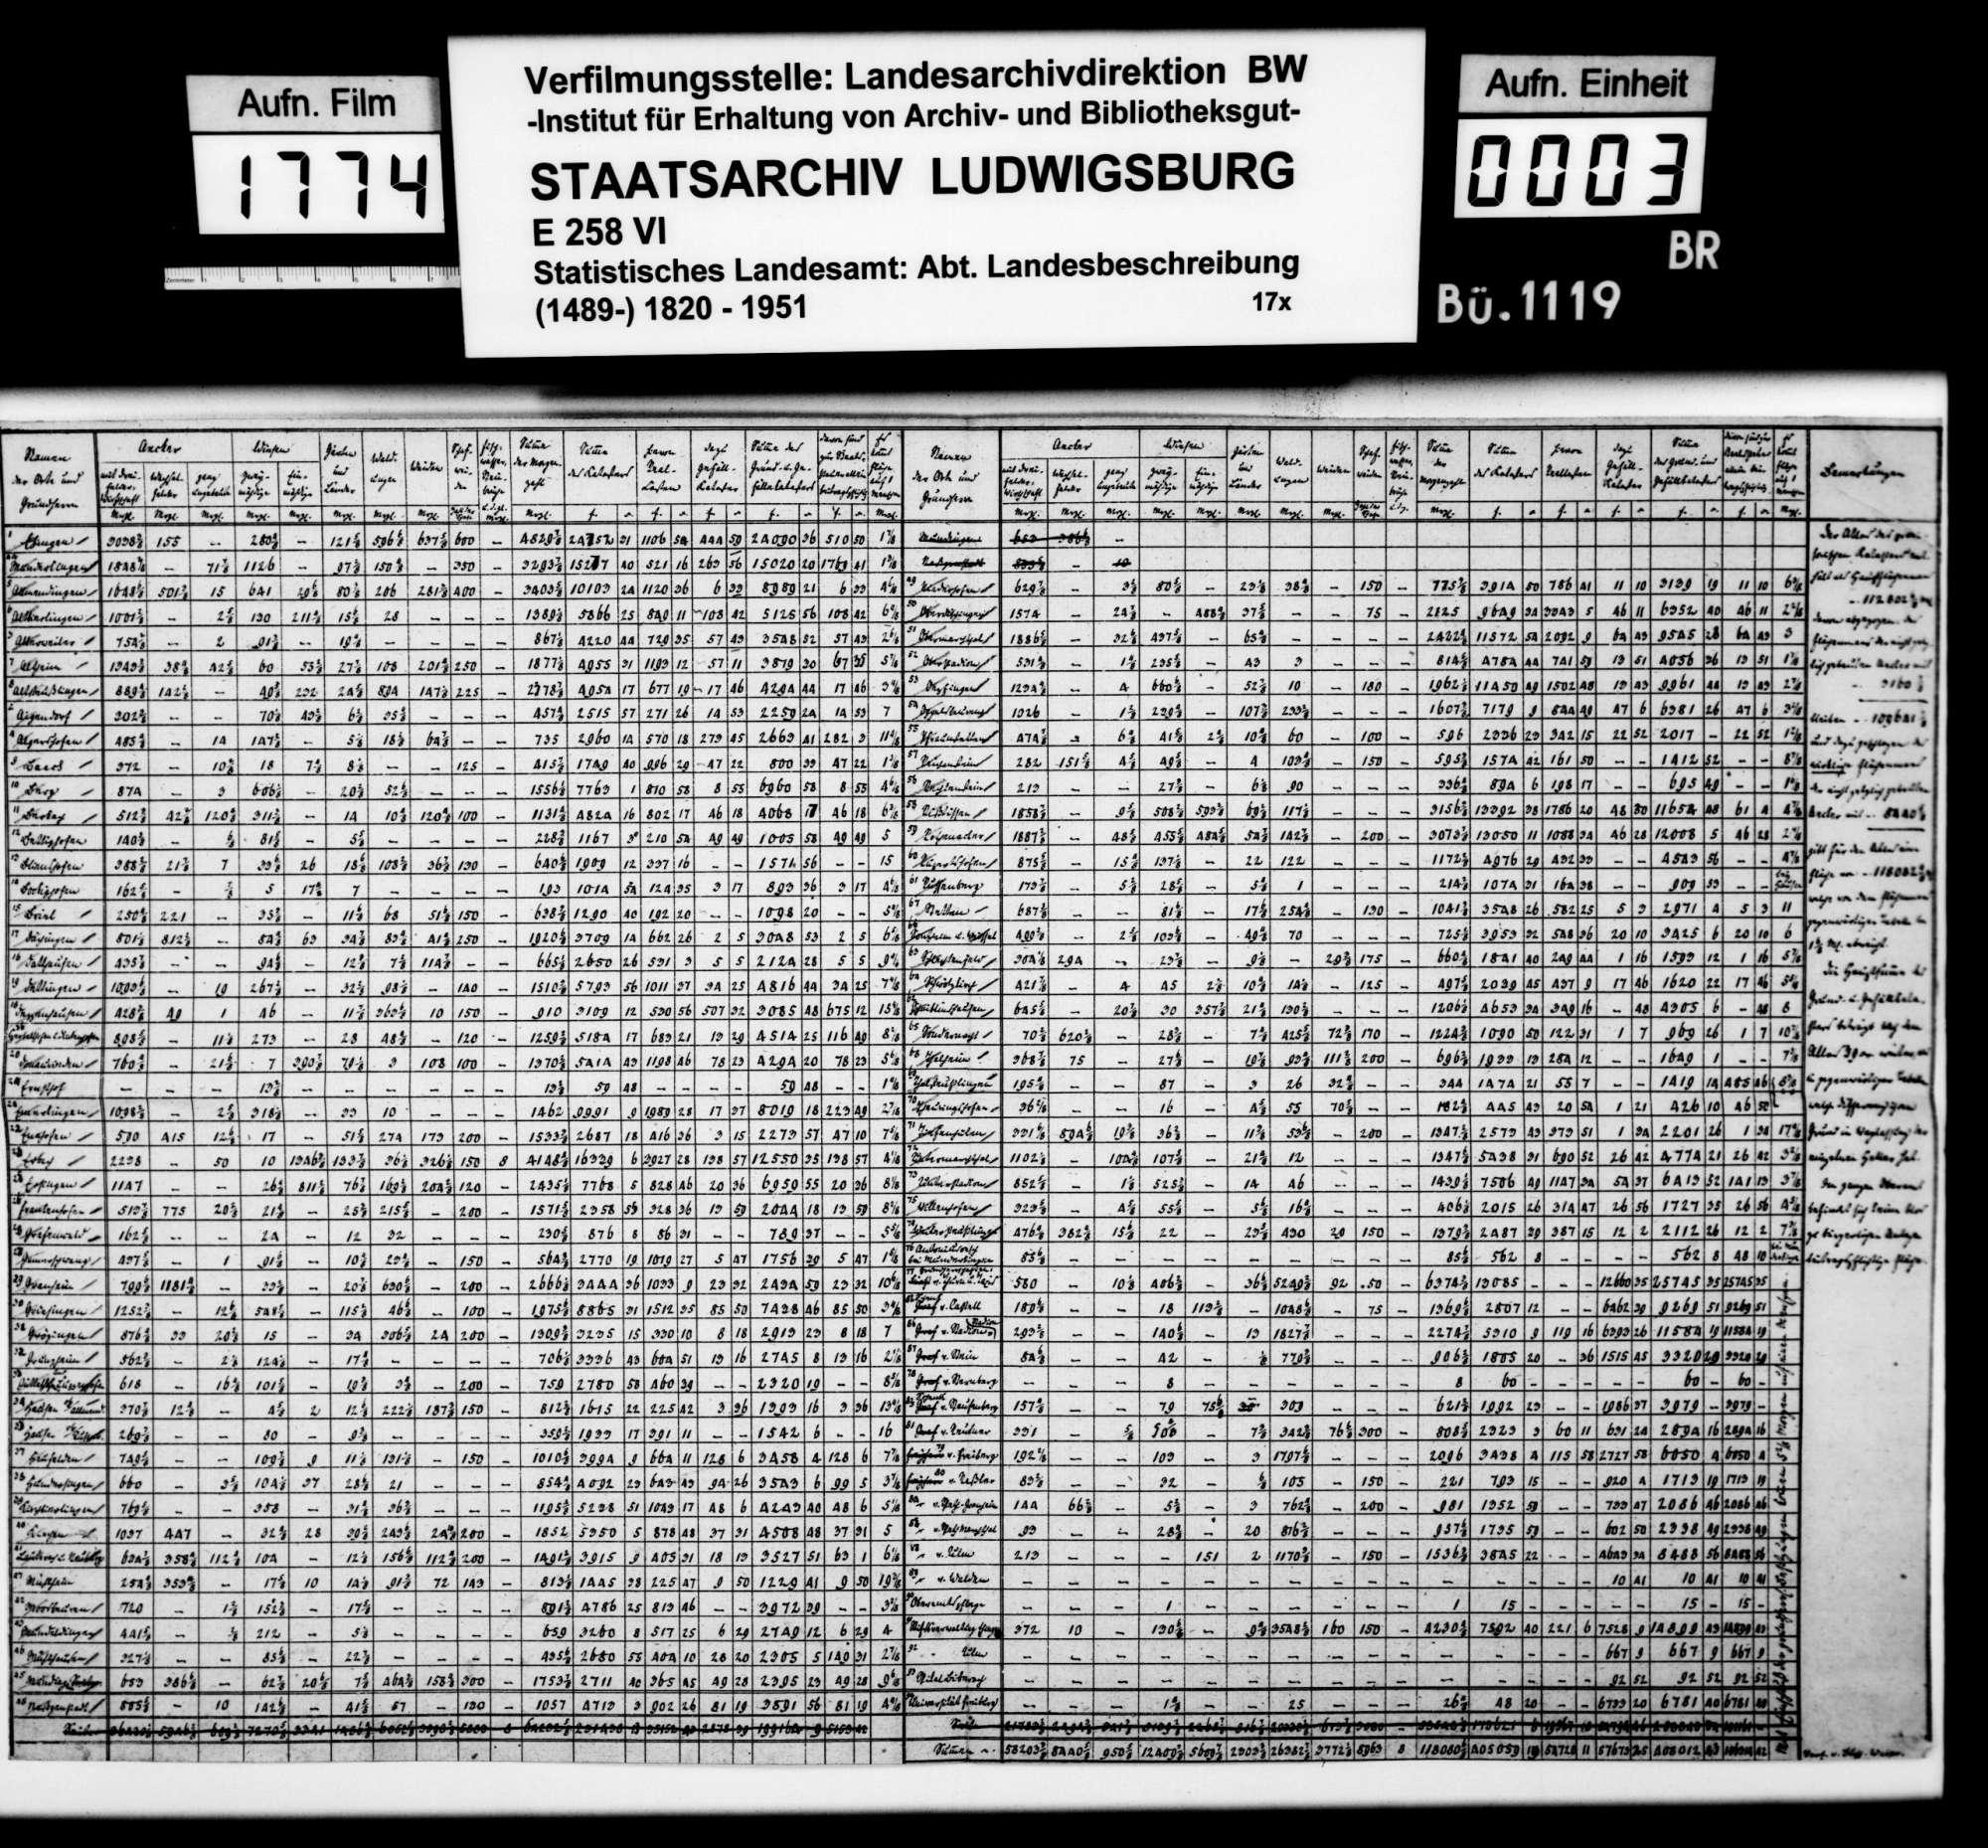 Kassierte Druckvorlage für eine Tabelle